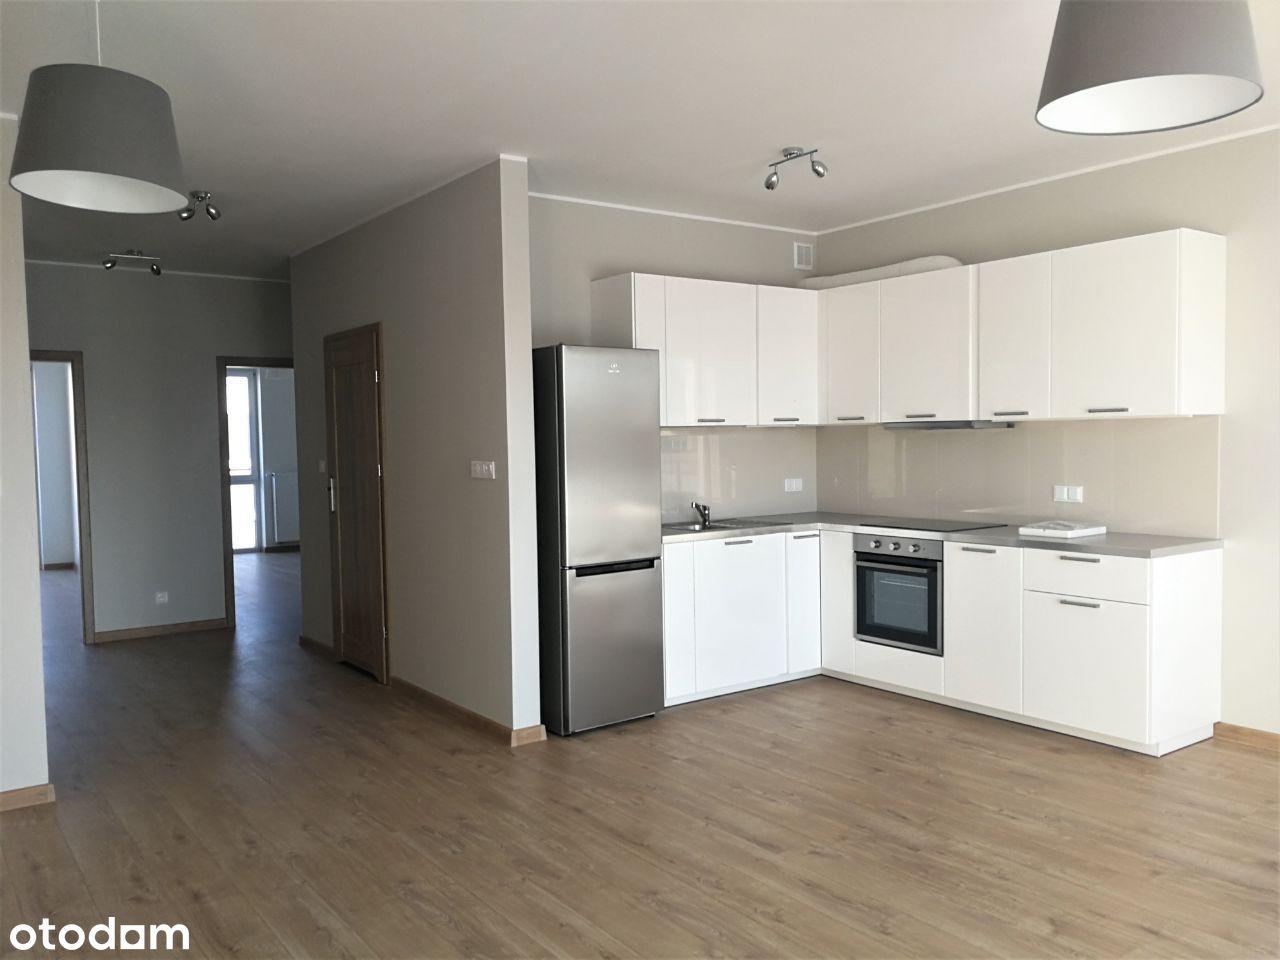 Mieszkanie 3 pokojowe, 75 m2 w Józefosławiu